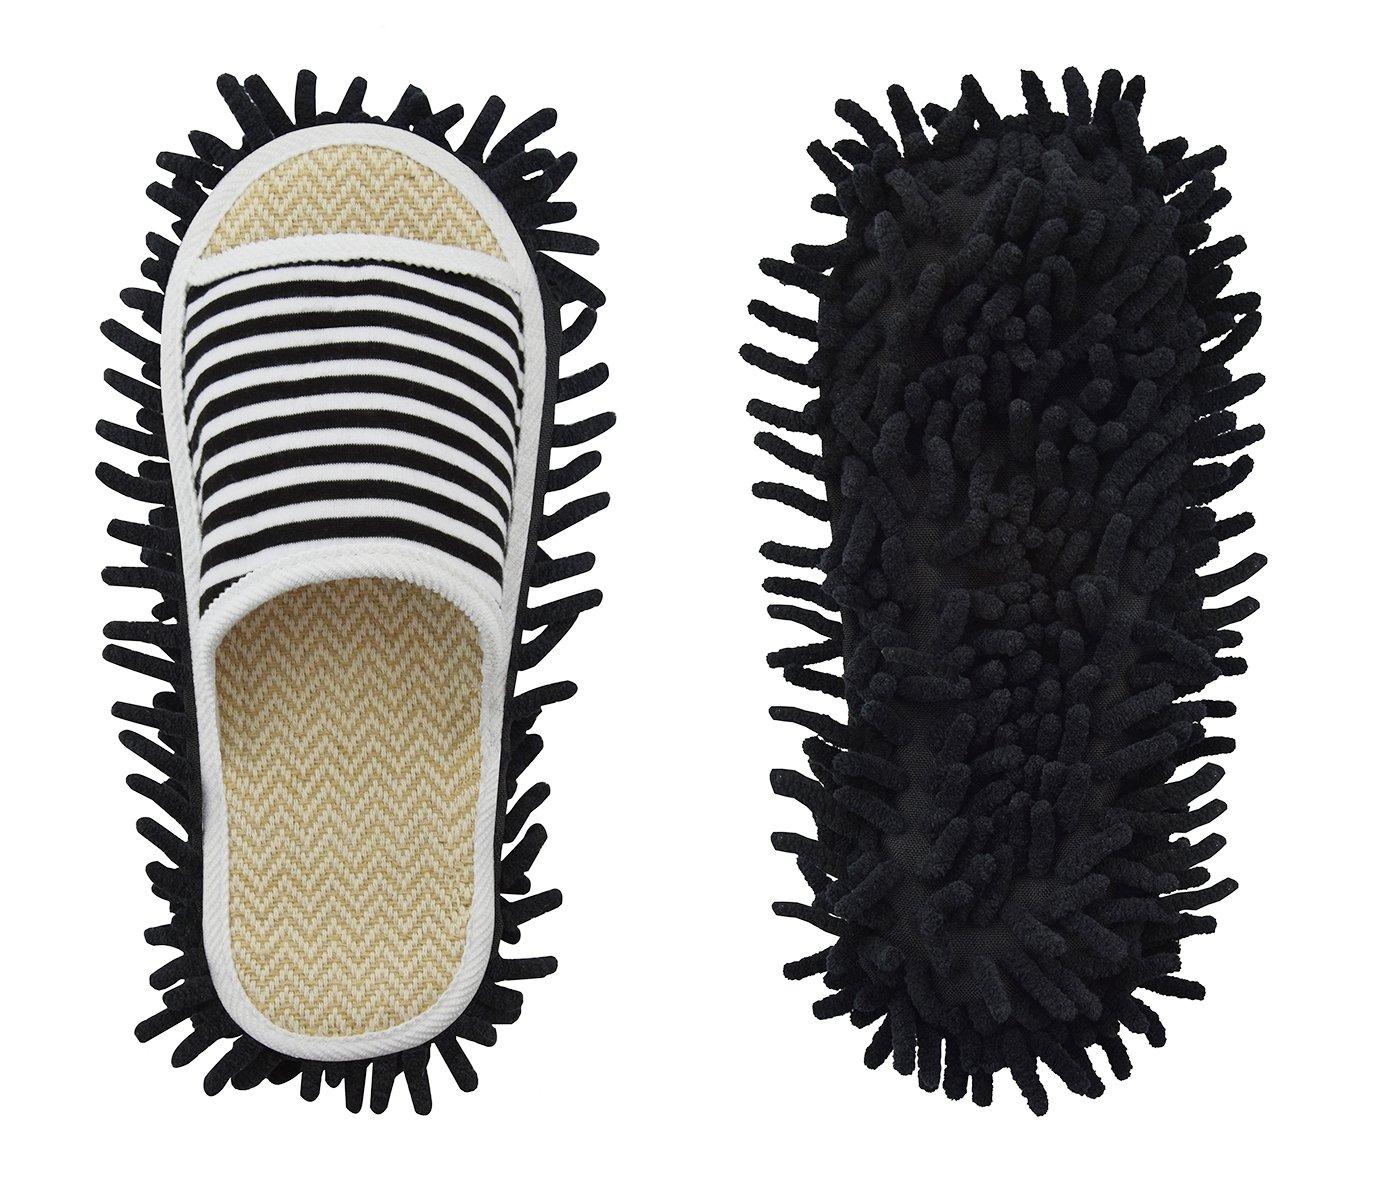 Xunlong Ciniglia Scarpe Pantofola Genie In Microfibra Mop Per La Pulizia Del Pavimento Strumento Per La Pulizia Della Polvere Pantofole Da Donna (Stripes nero, EU 37-41)  Stripes Nero